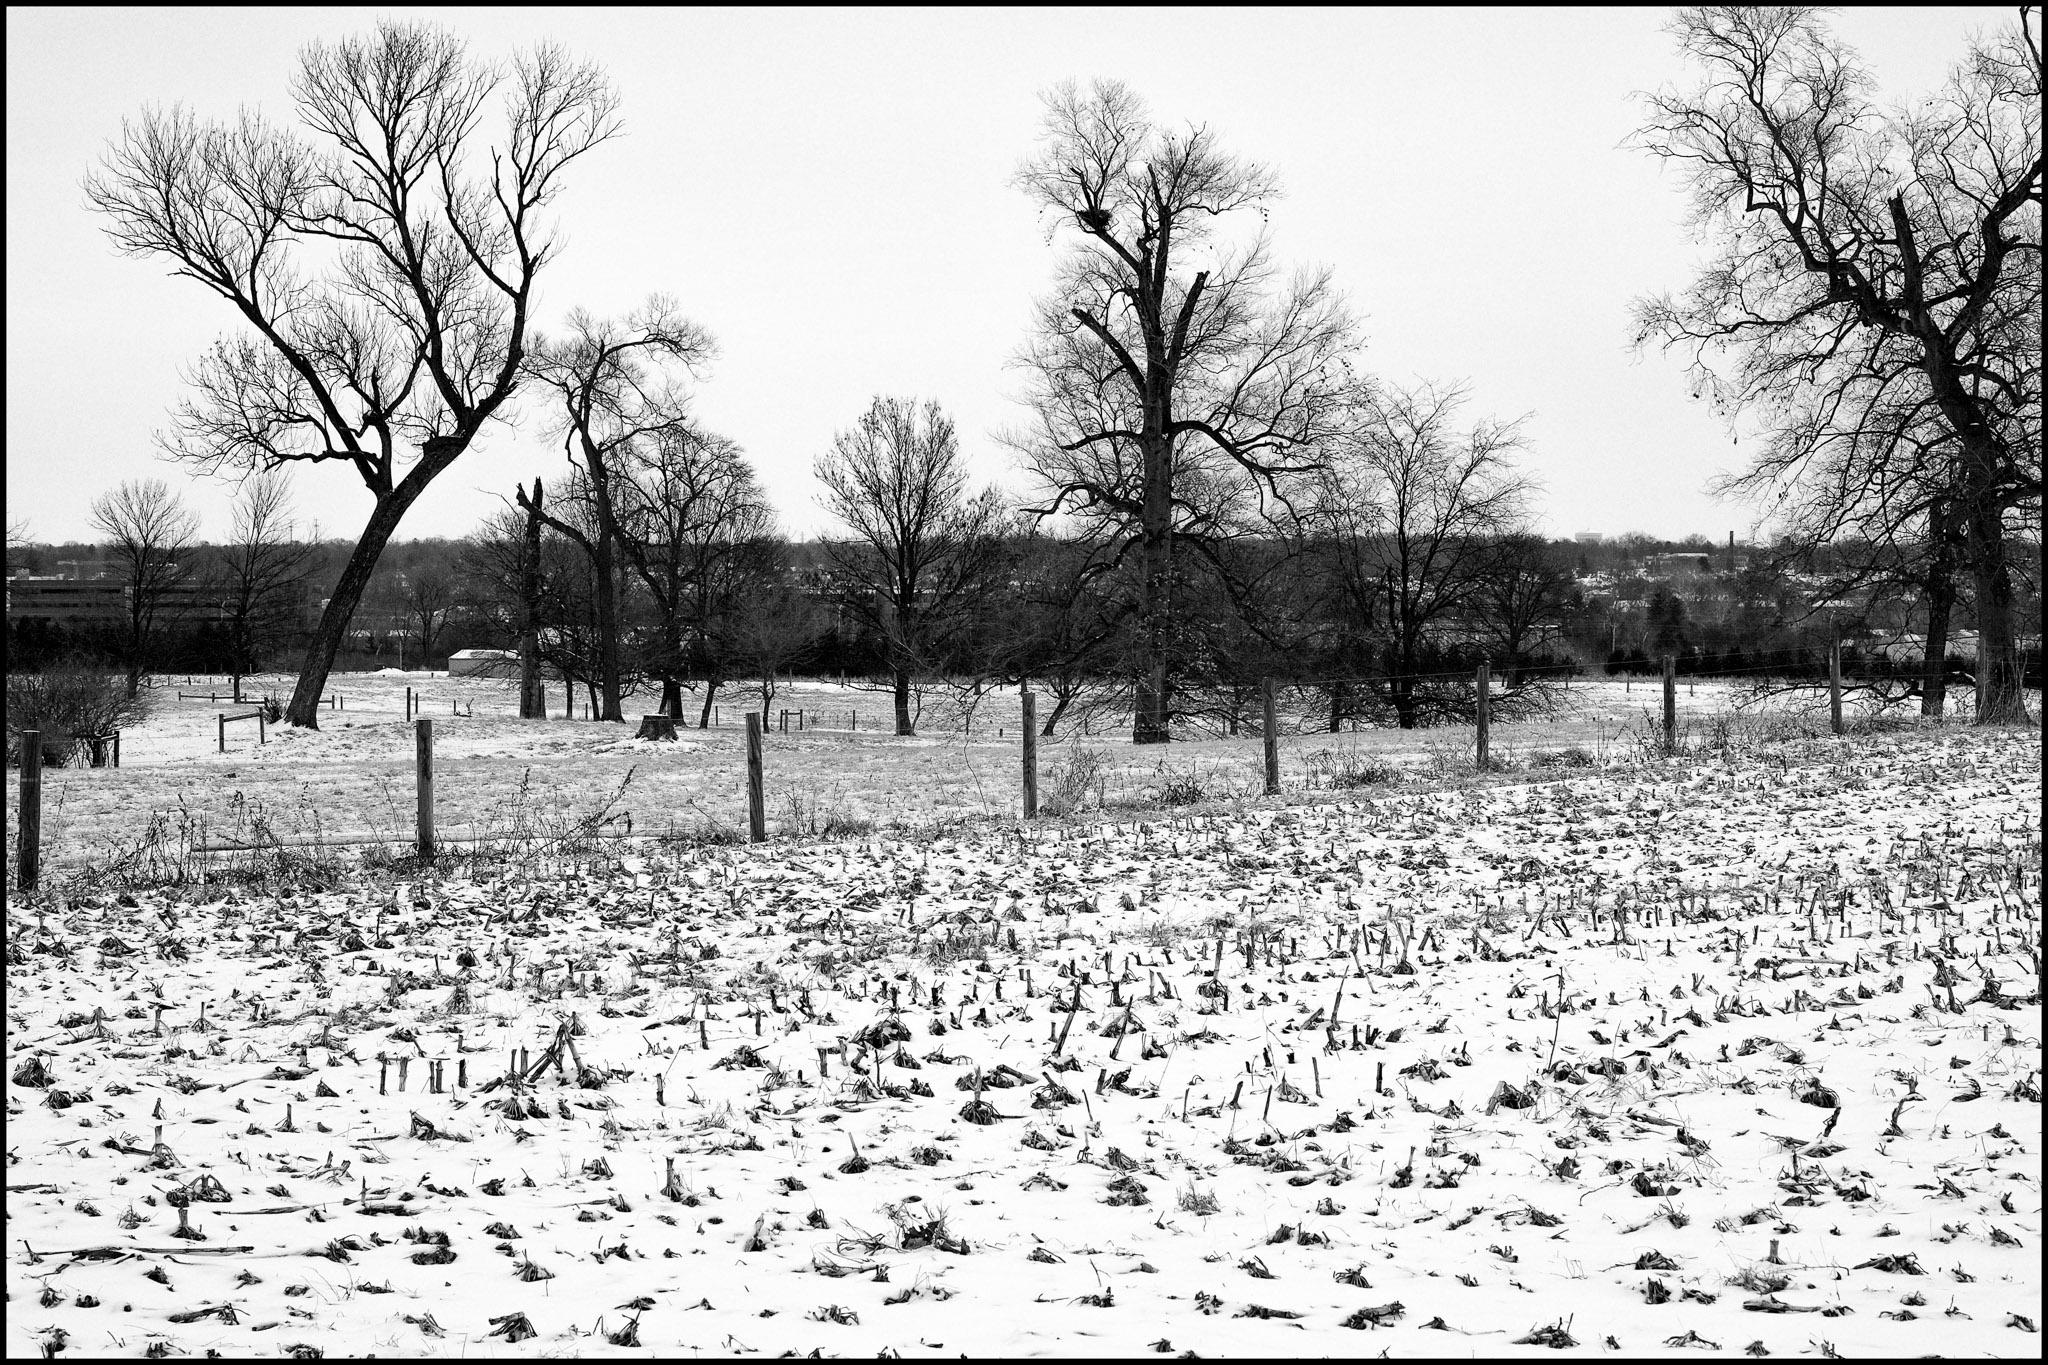 Waterman Farm in Winter #1